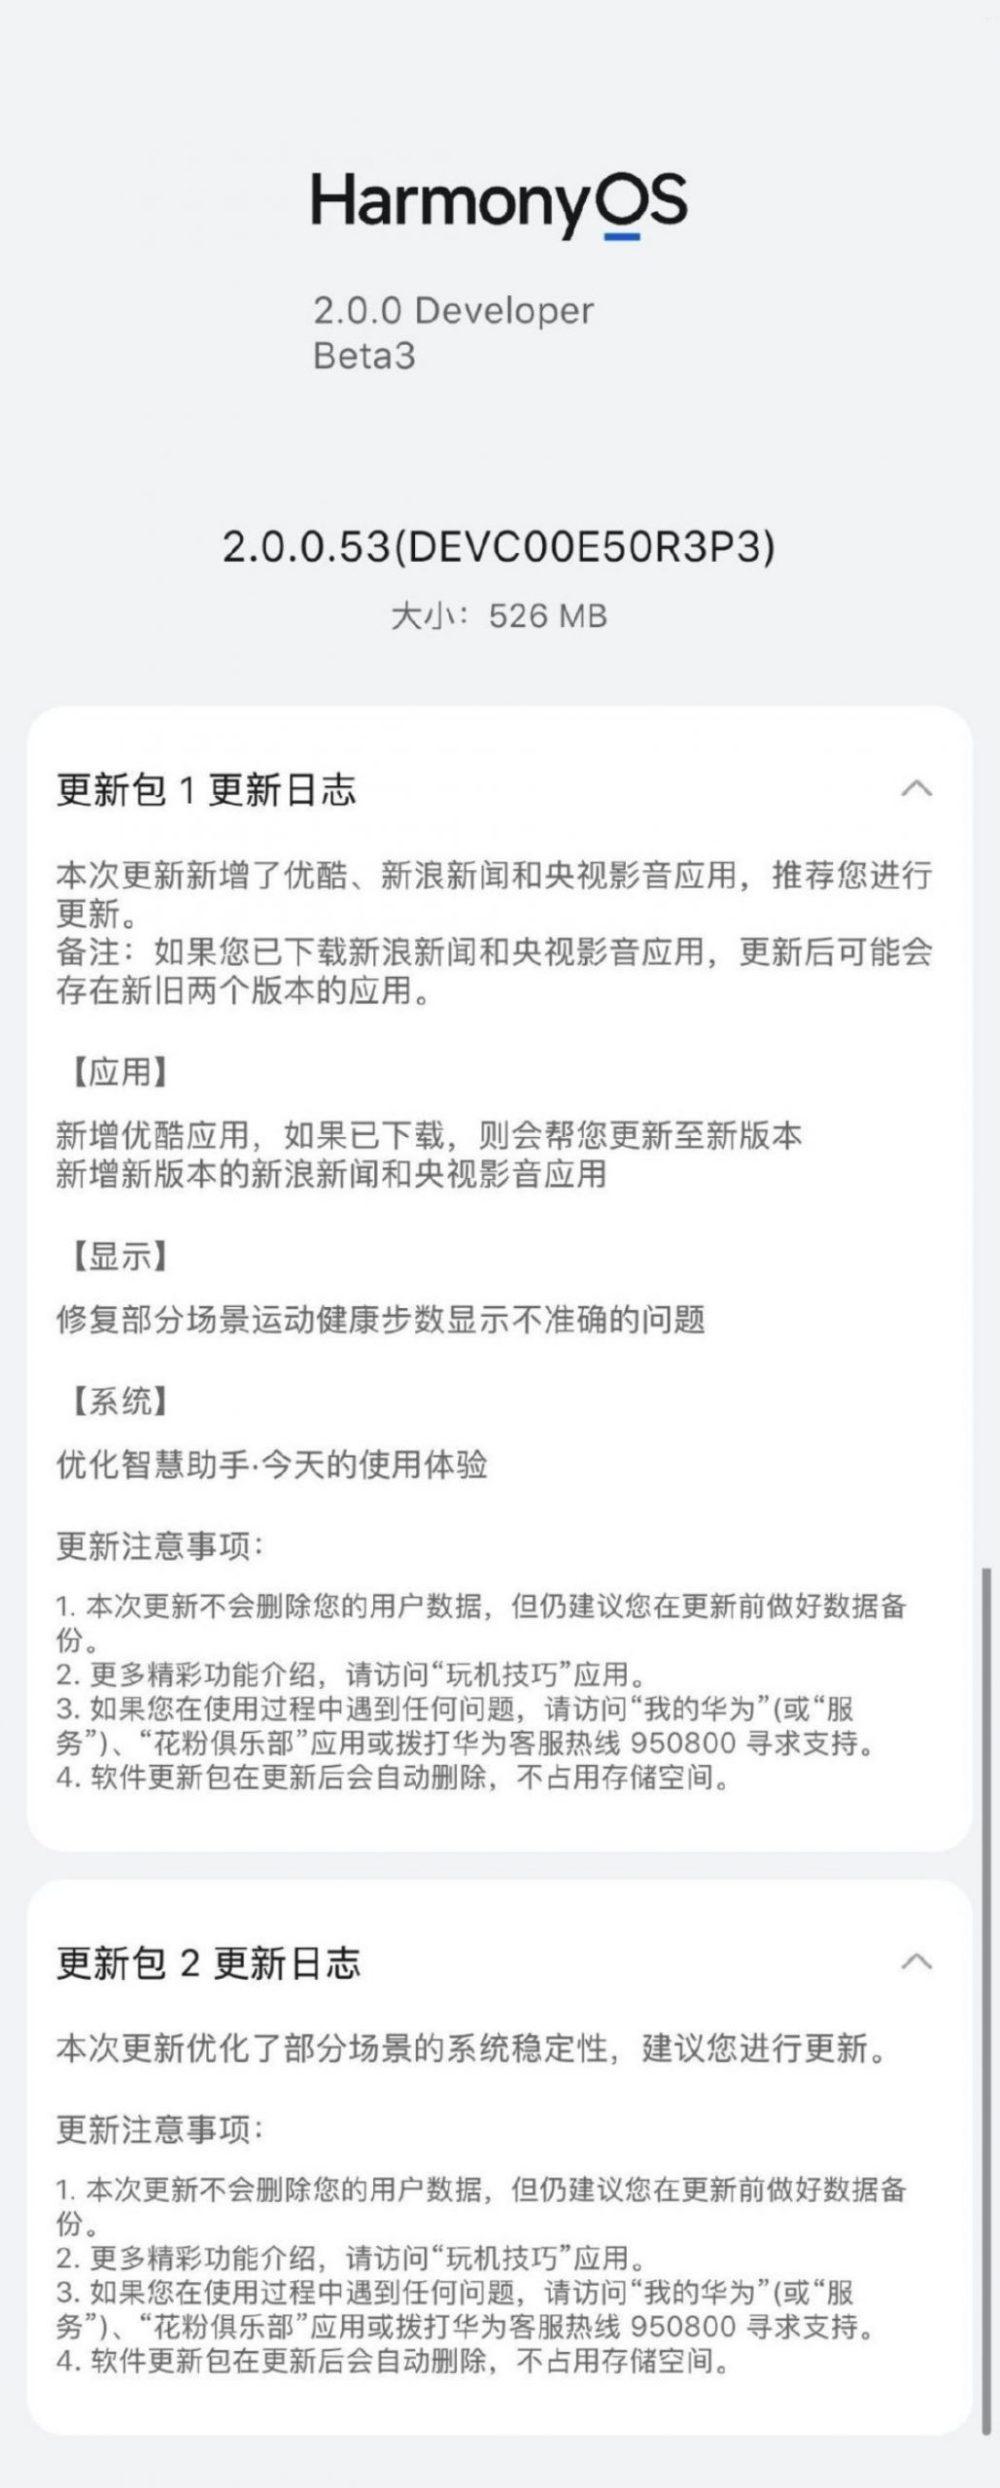 Huawei HarmonyOS 2.0 Developer Beta 3-1